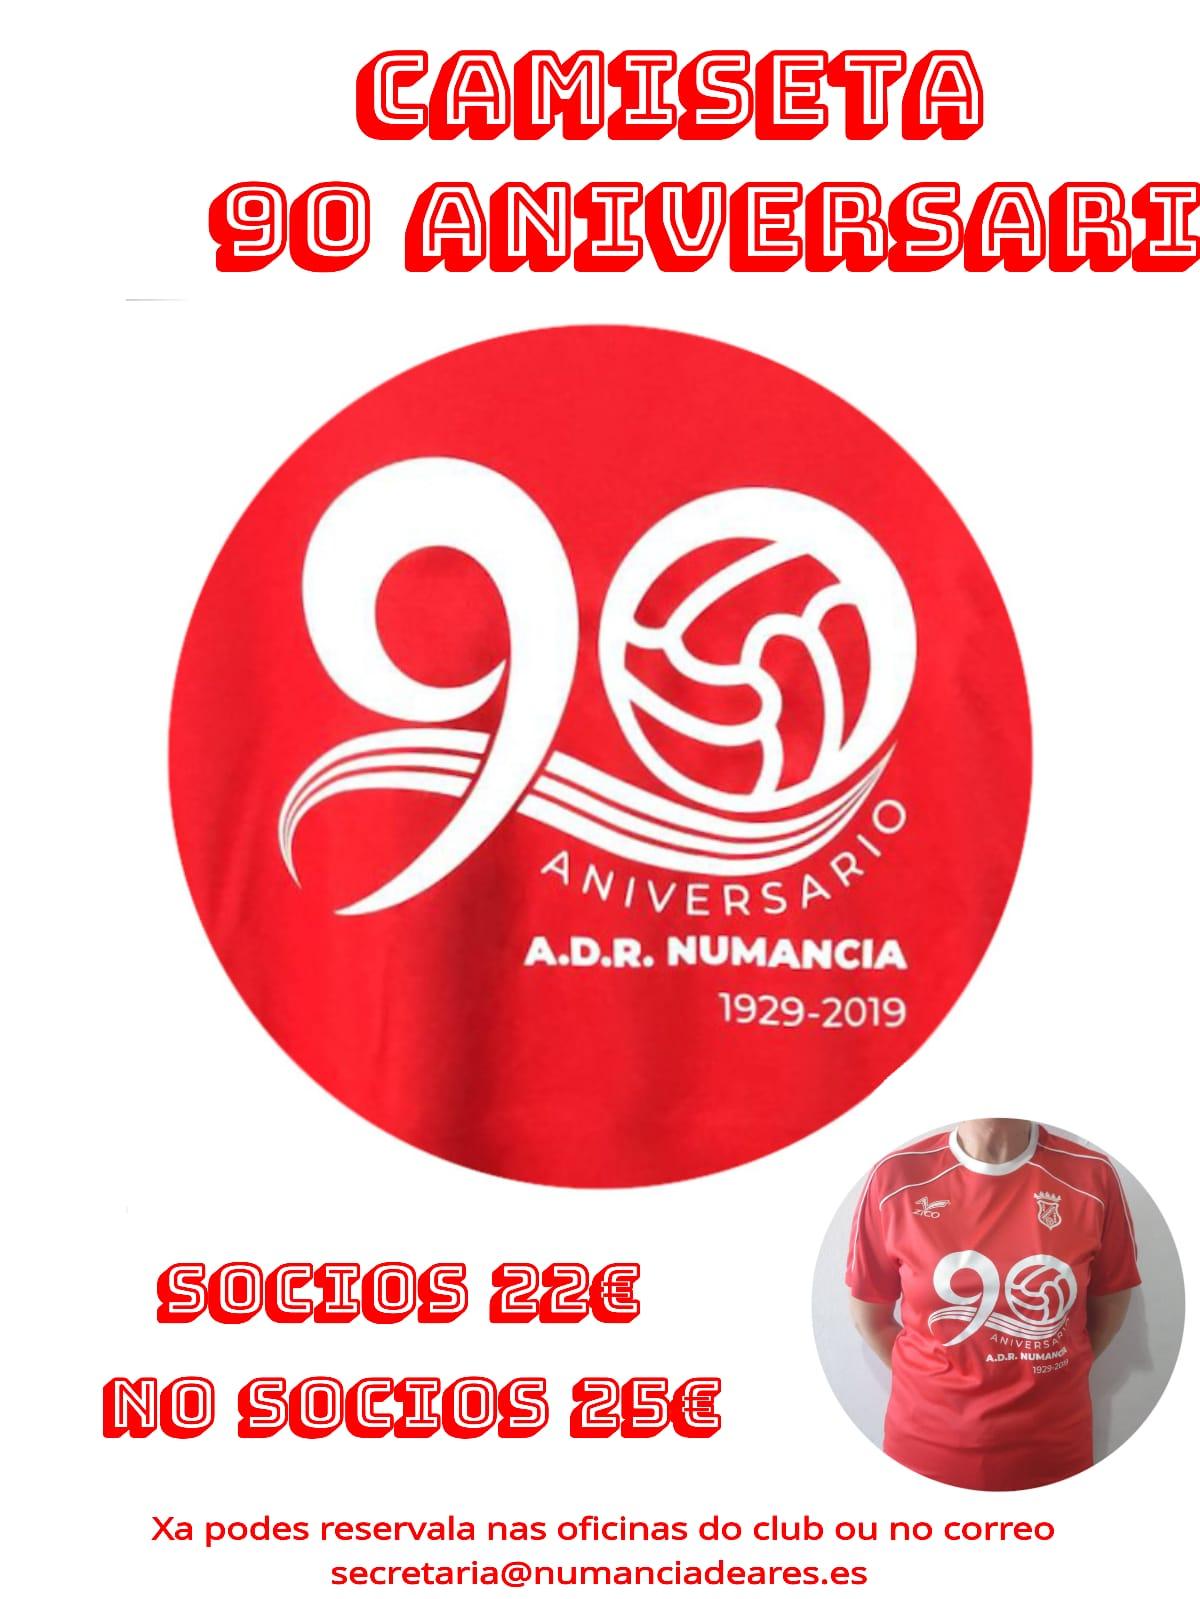 Camiseta 90 Aniversario ADR Numancia de Ares 1929-2019 Socios 22€ No Socios 25€ Ya puedes reservarla en la oficina del club o en el correo secretaria@numanciadeares.es  #ForzaNuman